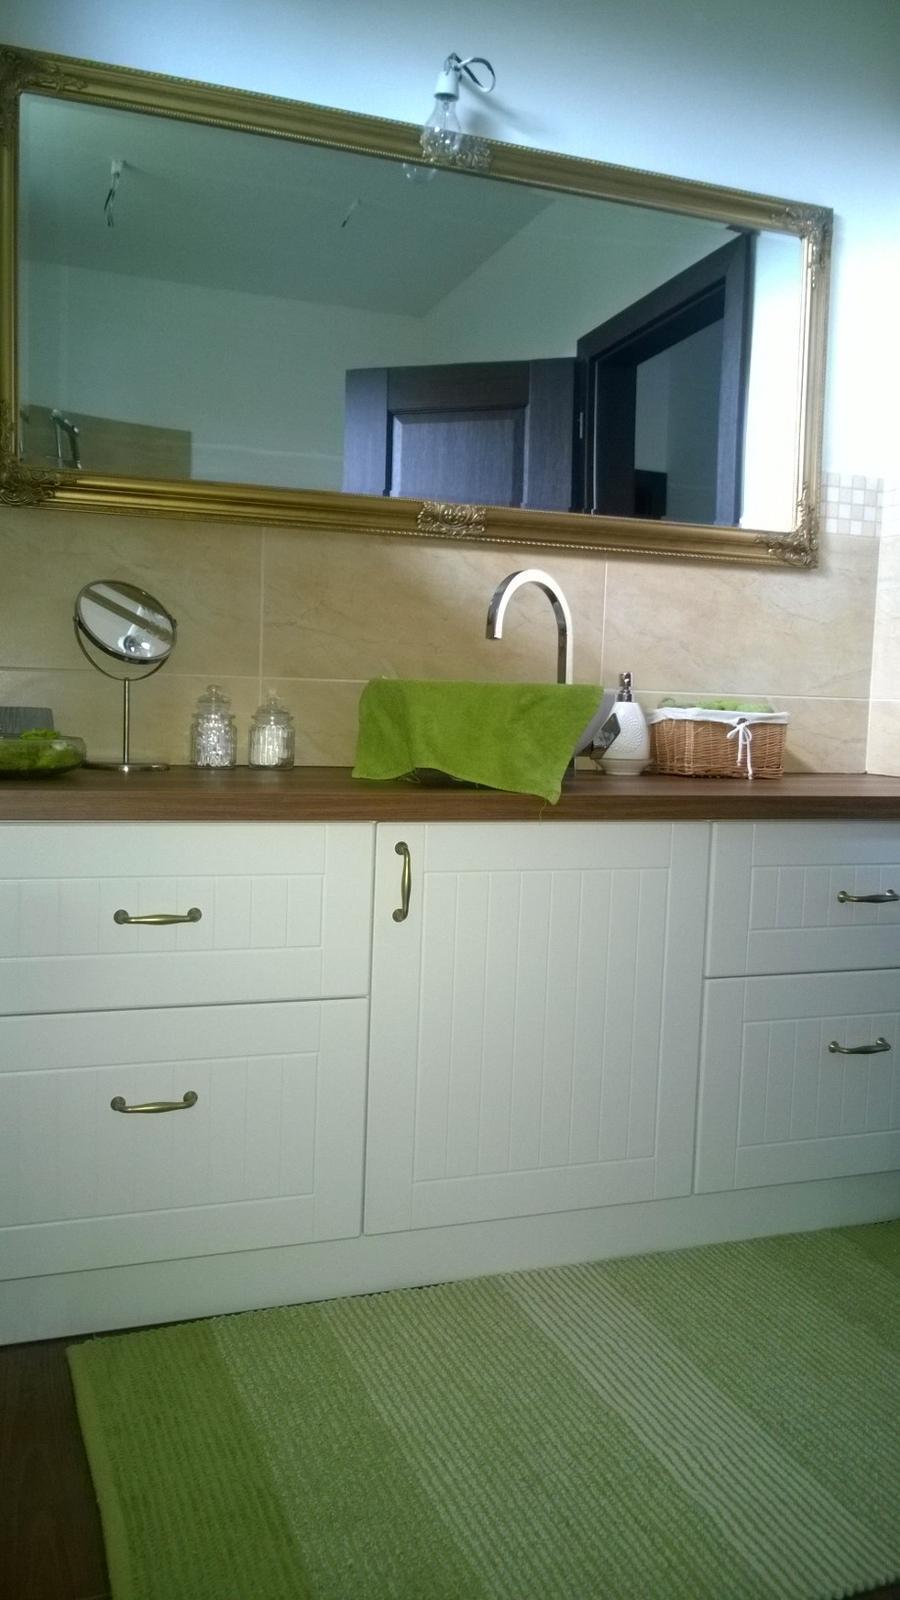 Náš domov :) - Detská kúpeľňa...zatiaľ hosťovská 😉